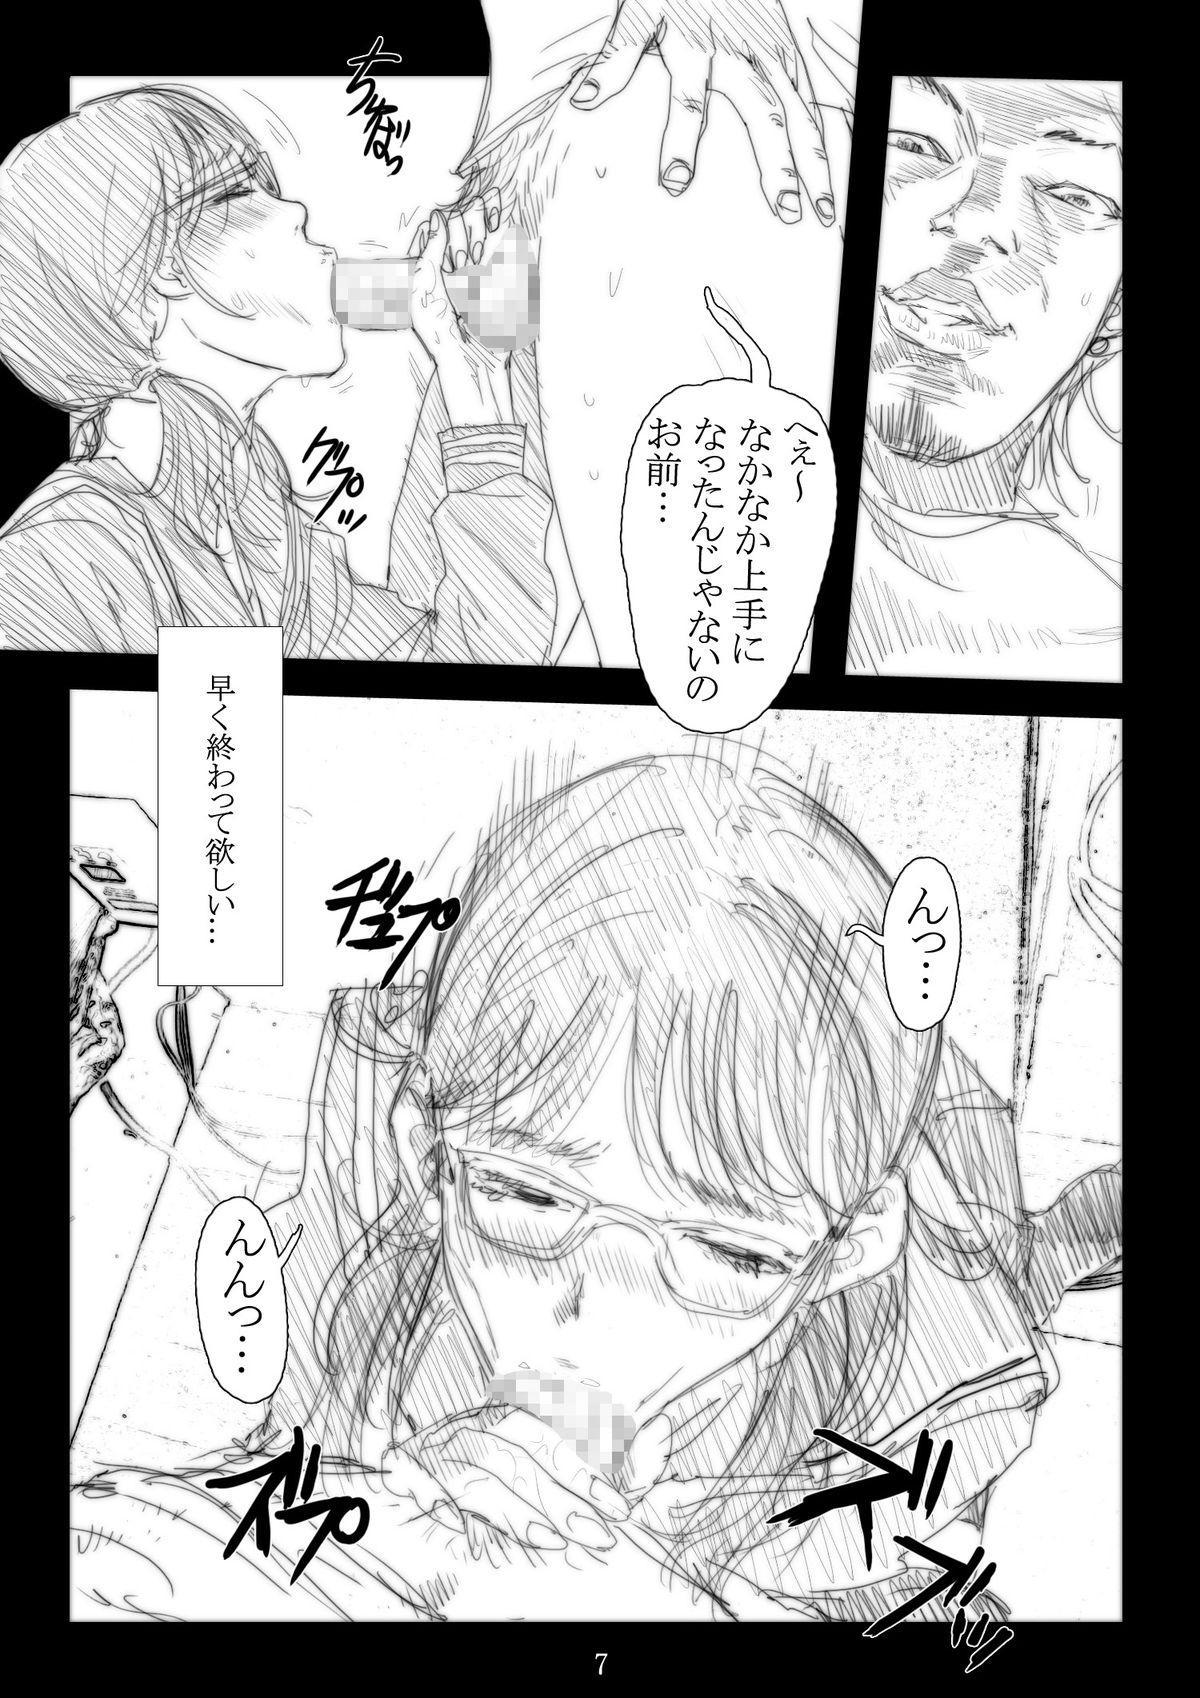 Renraku Tore nakatta 1-kkagetsukan Kanojo ni Nani ga Atta no ka... 2 7